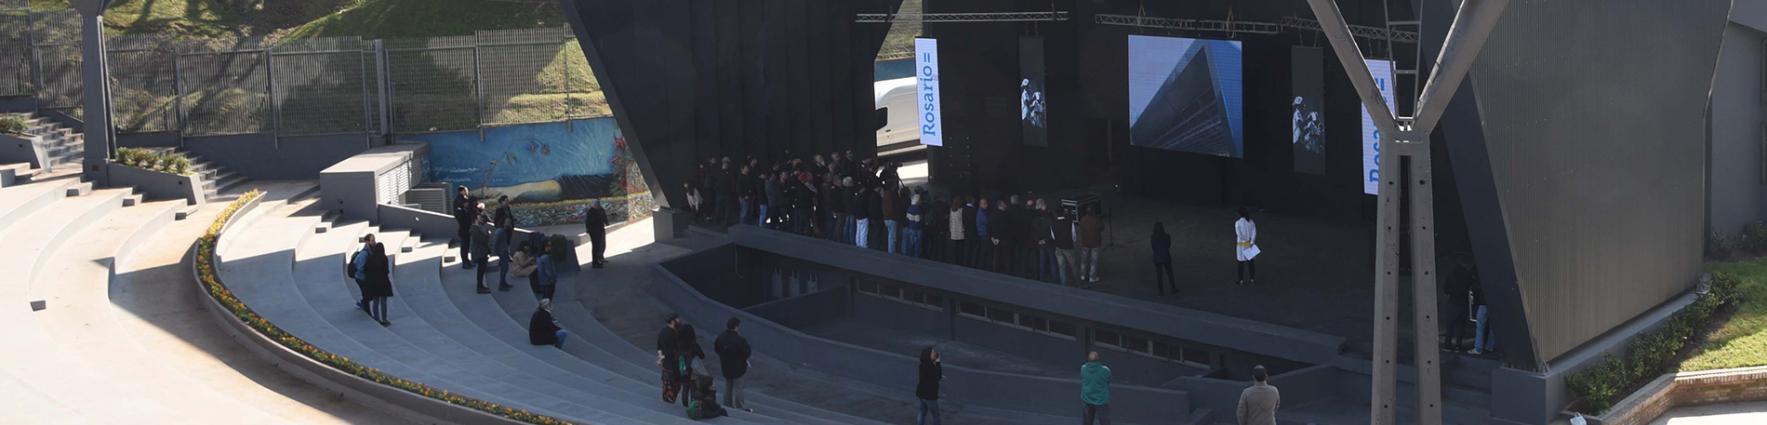 El anfiteatro municipal abre sus puertas tras la remodelación integral